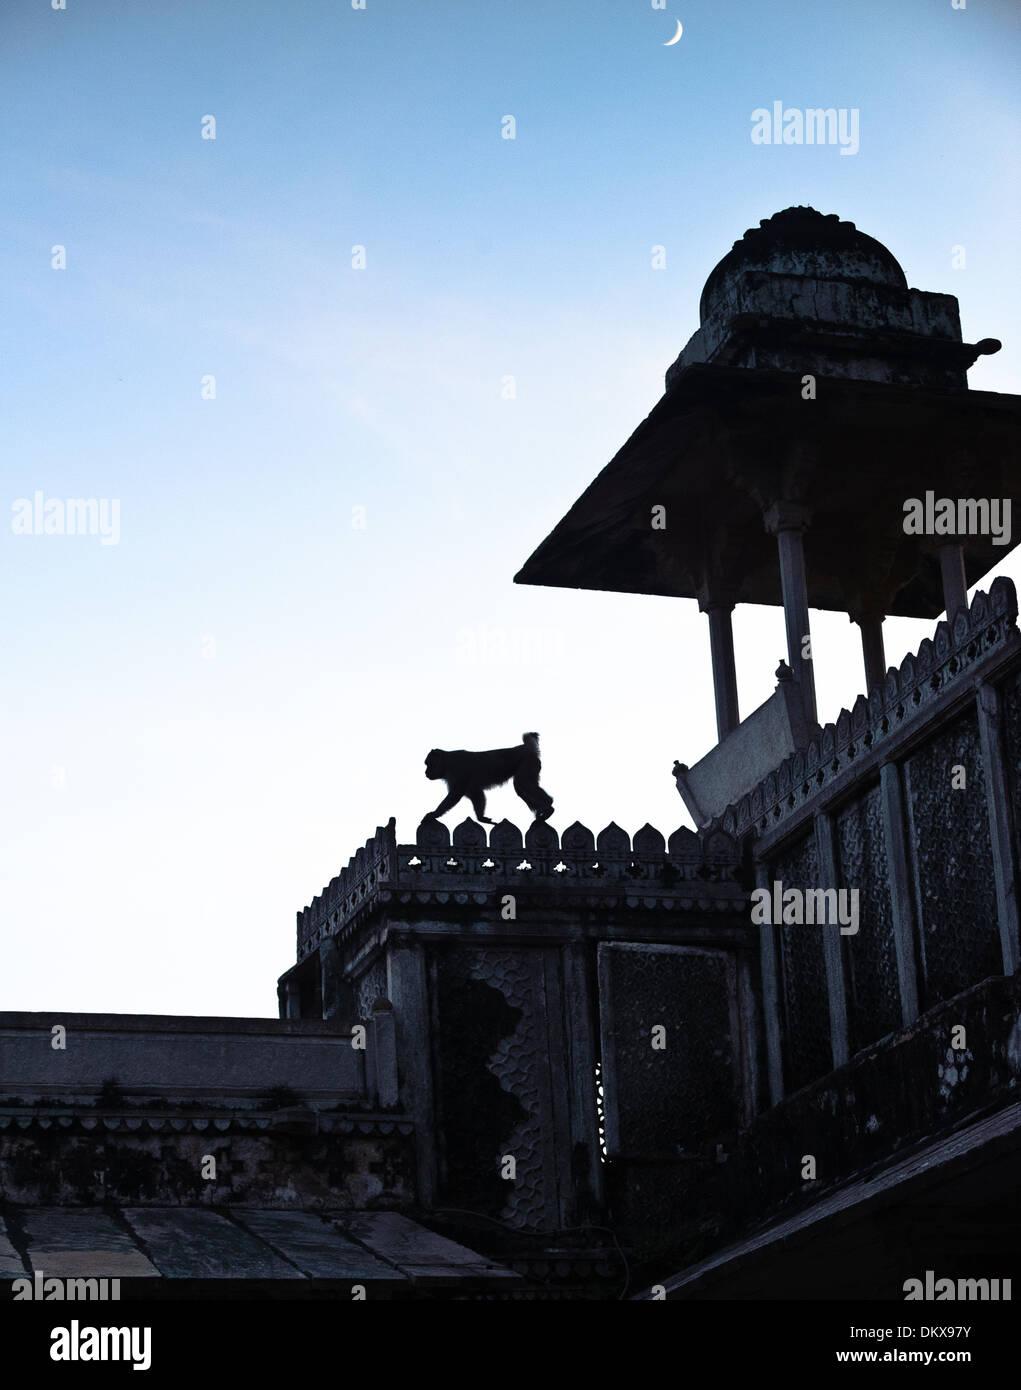 Monkey at moonrise, Bundi Palace, India Rajasthan - Stock Image